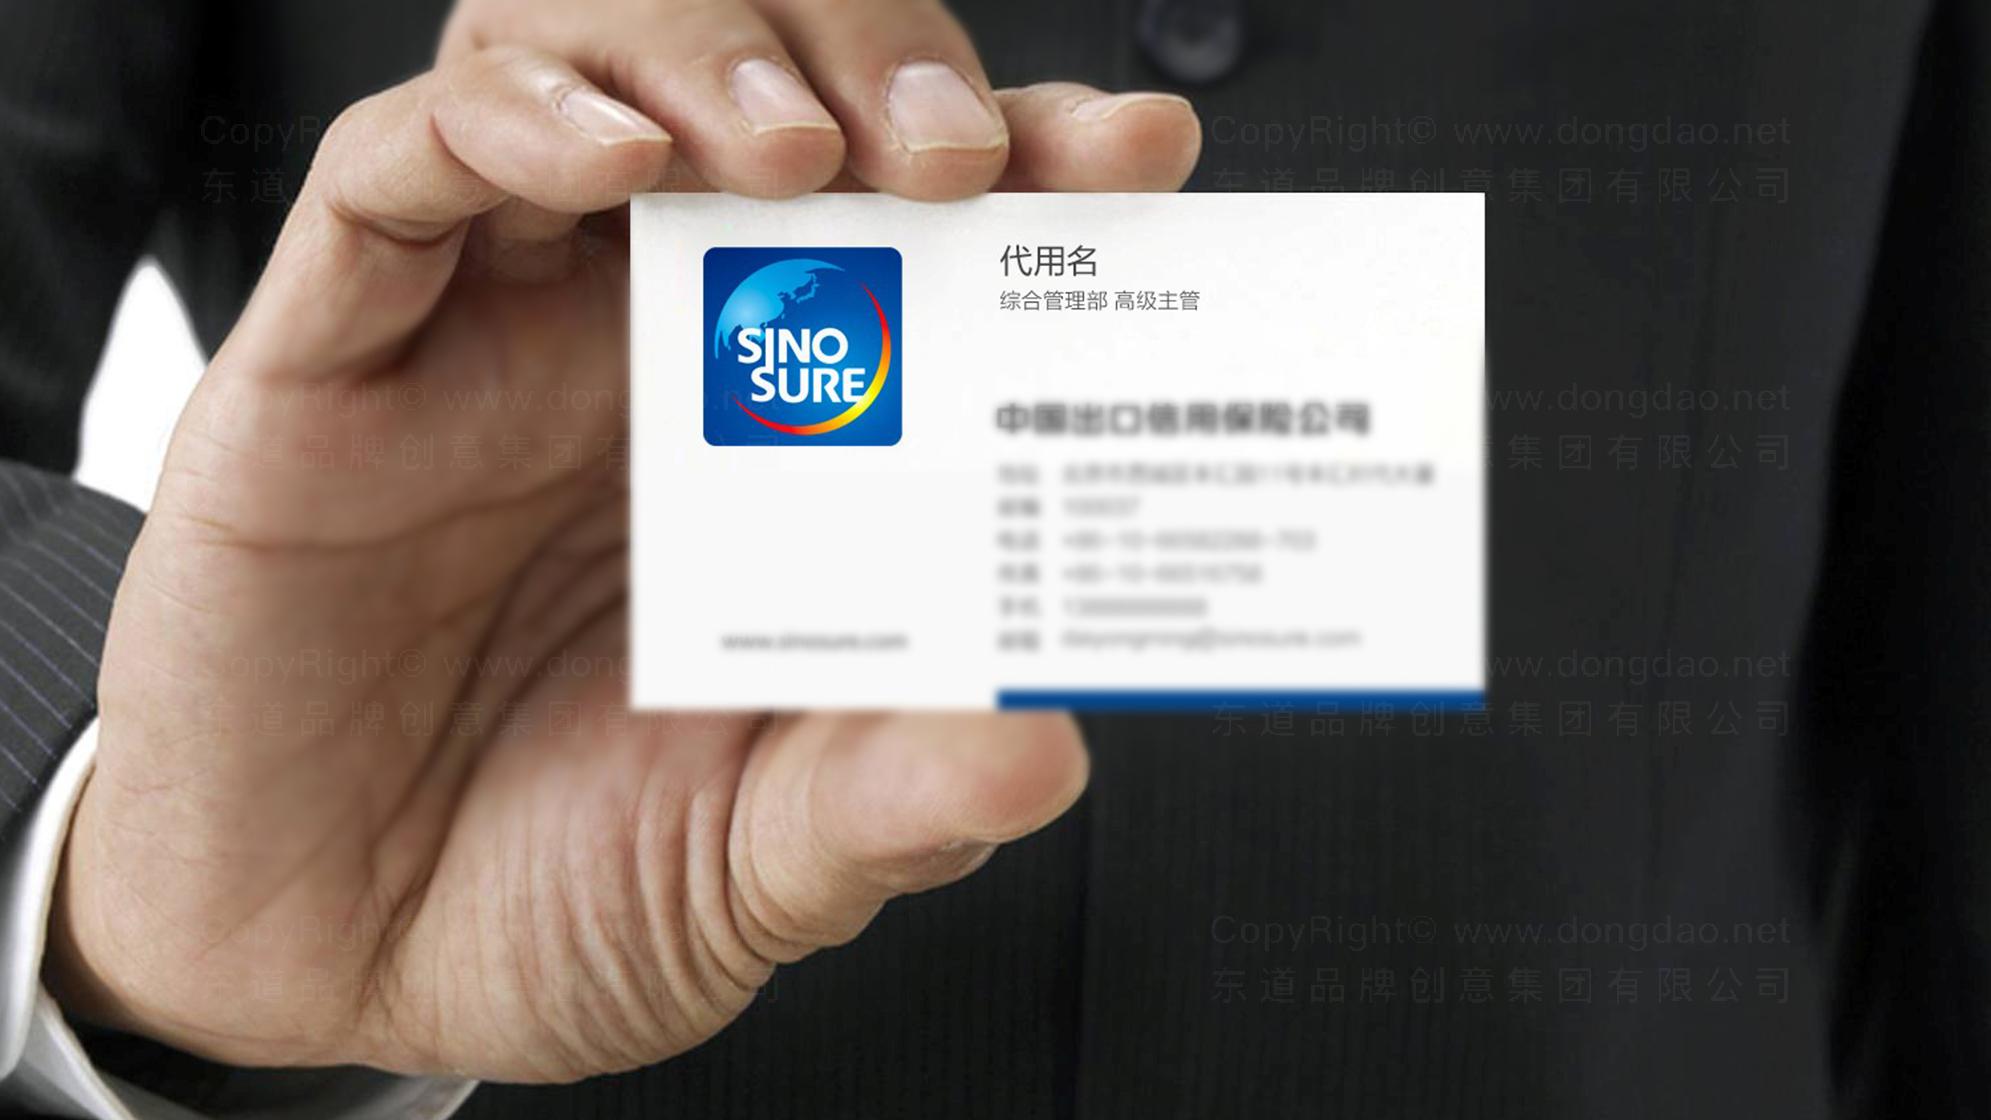 保险公司vi设计险logo设计、vi设计应用